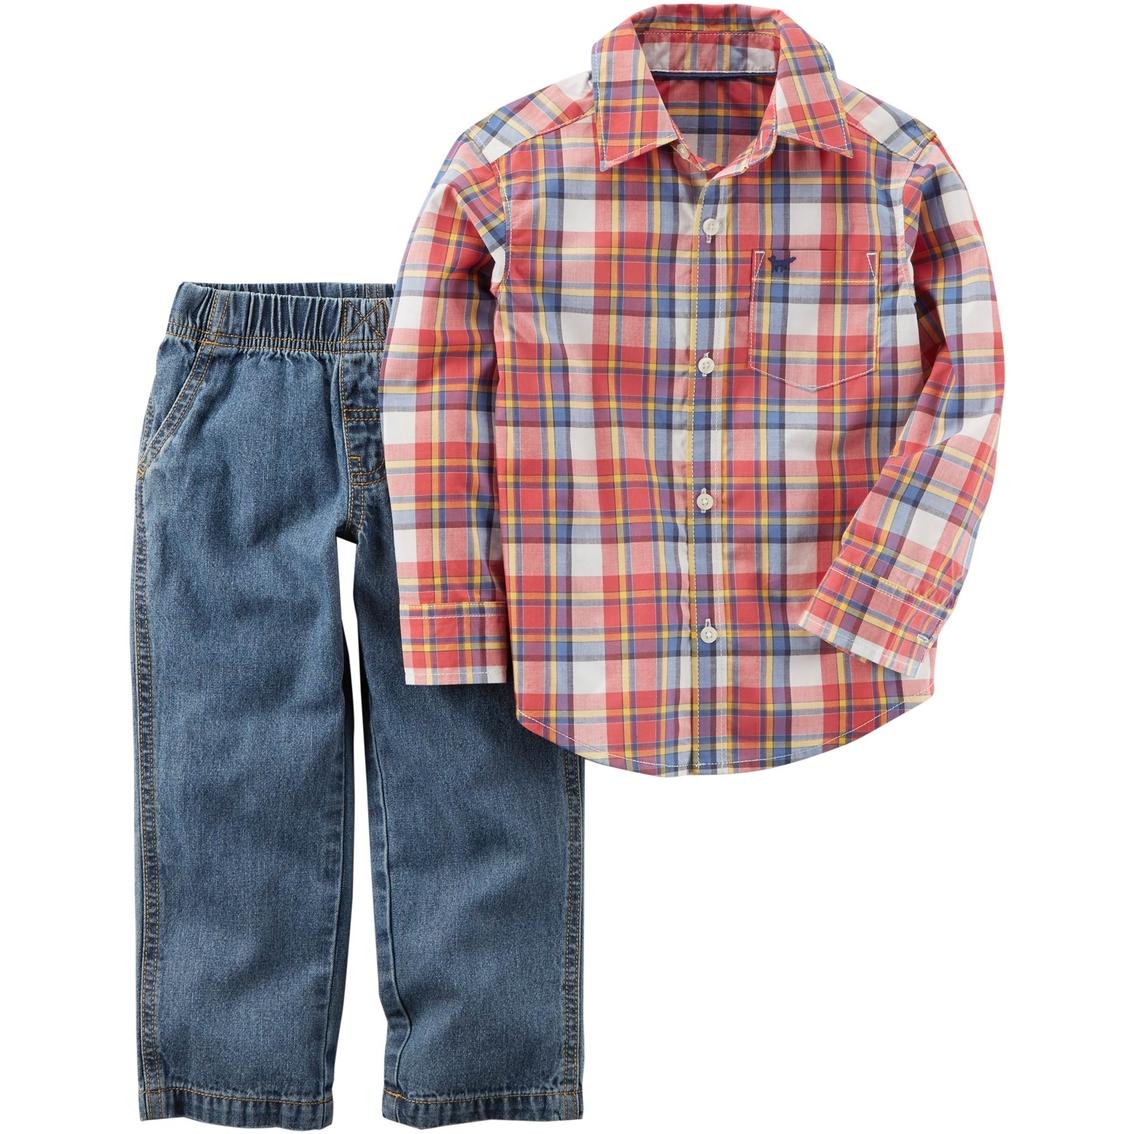 b9b6e888b Carter's Toddler Boys 2 Pc. Plaid Shirt And Denim Pant Set | Toddler ...